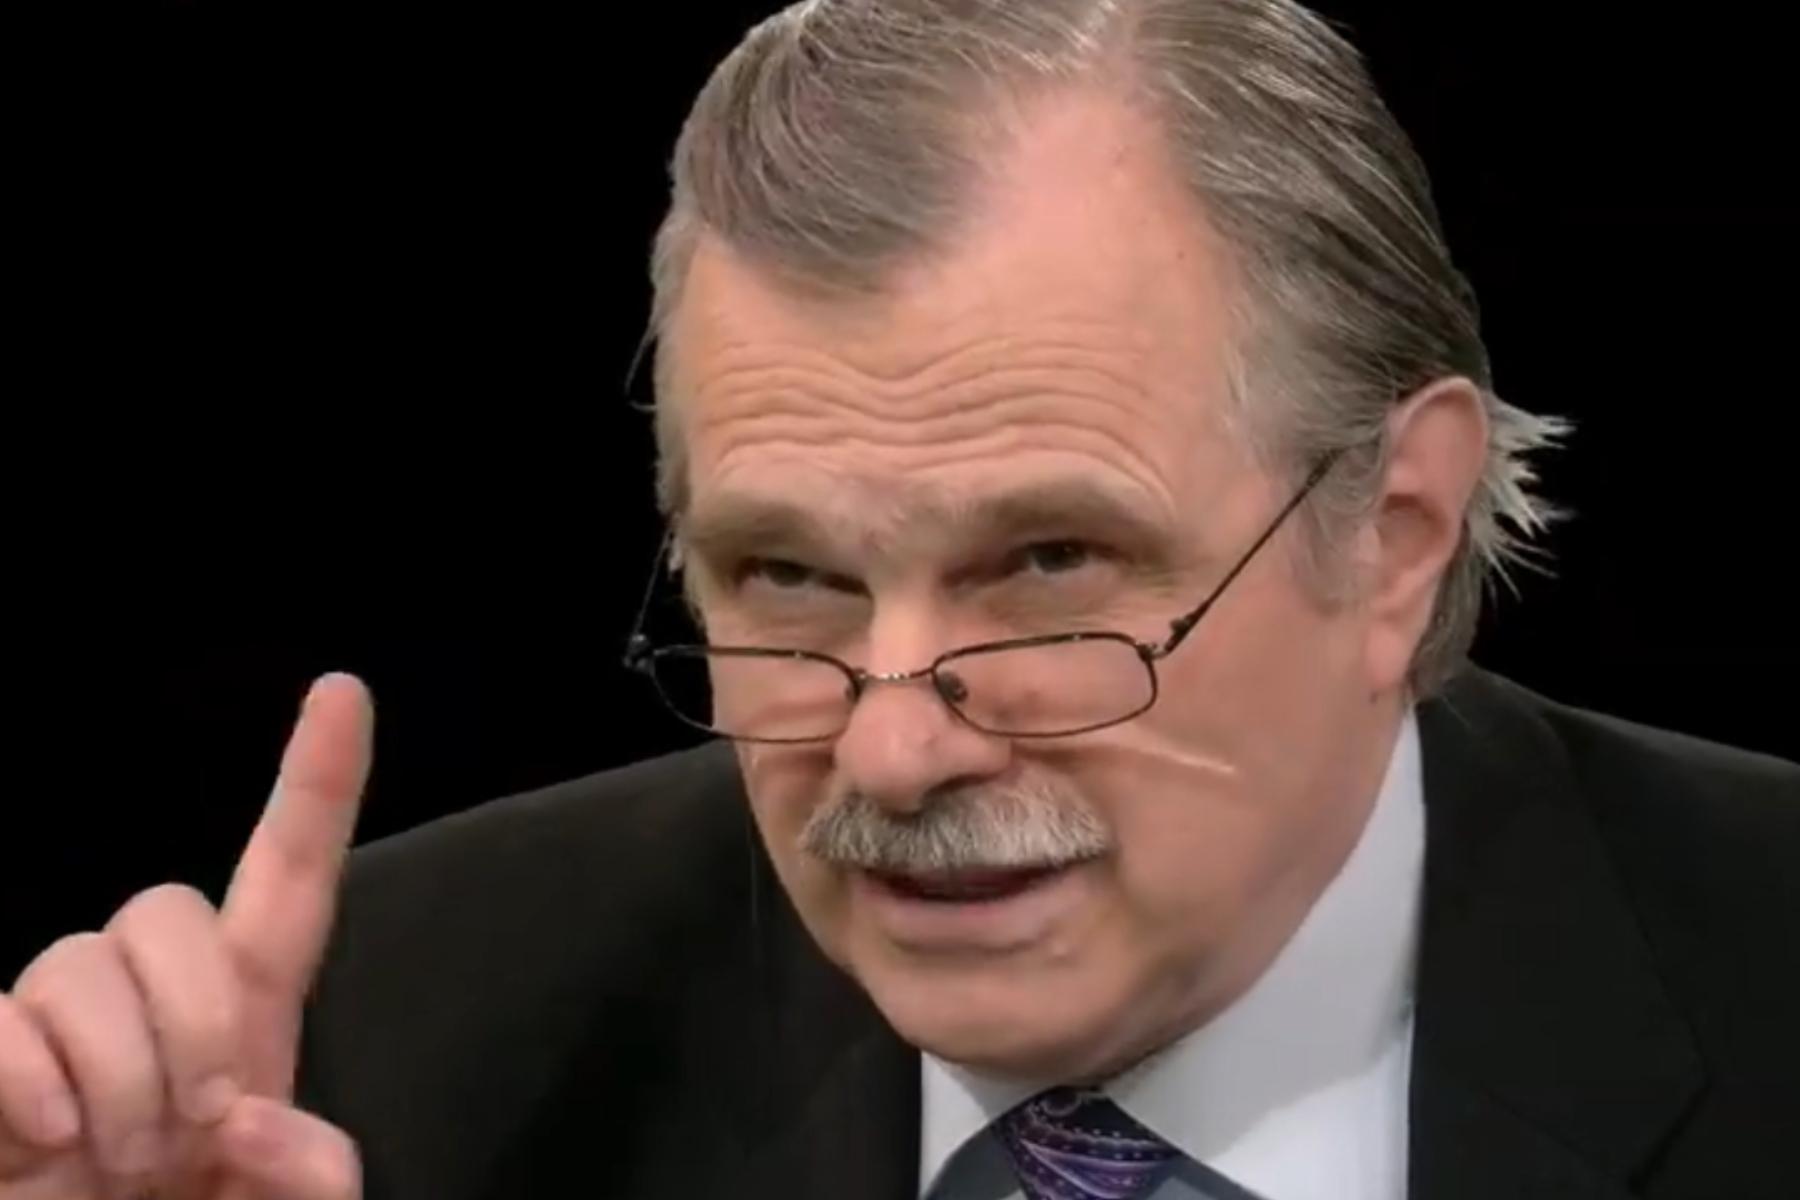 Marius Tucă Show, ora 19:00, la Aleph News şi pe alephnews.ro. Invitatul de luni – profesorul Valentin Stan